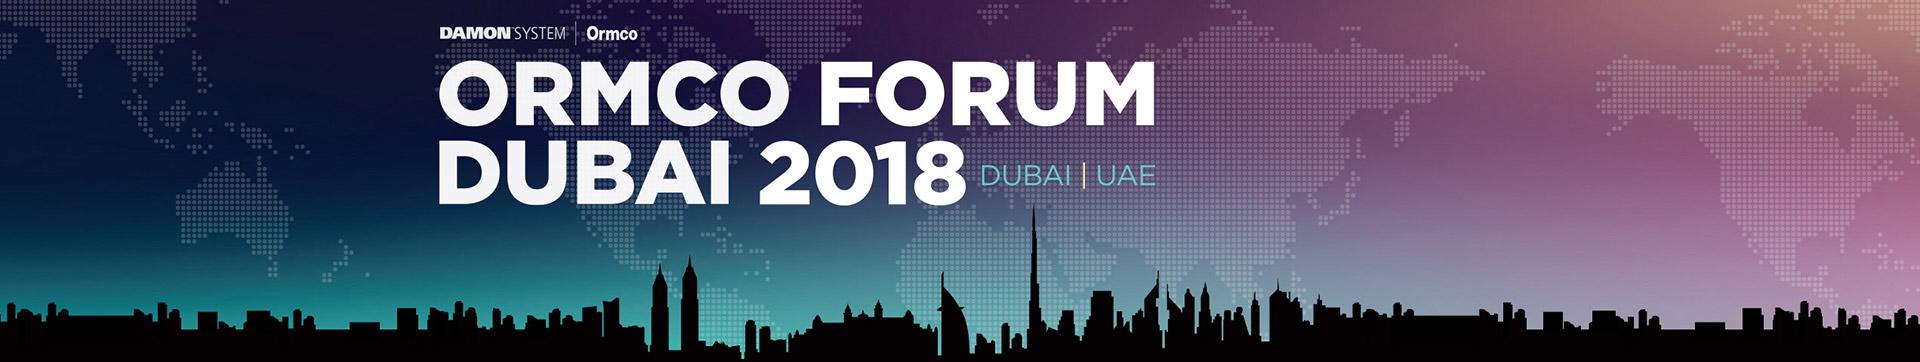 Ormco Dubai 2018